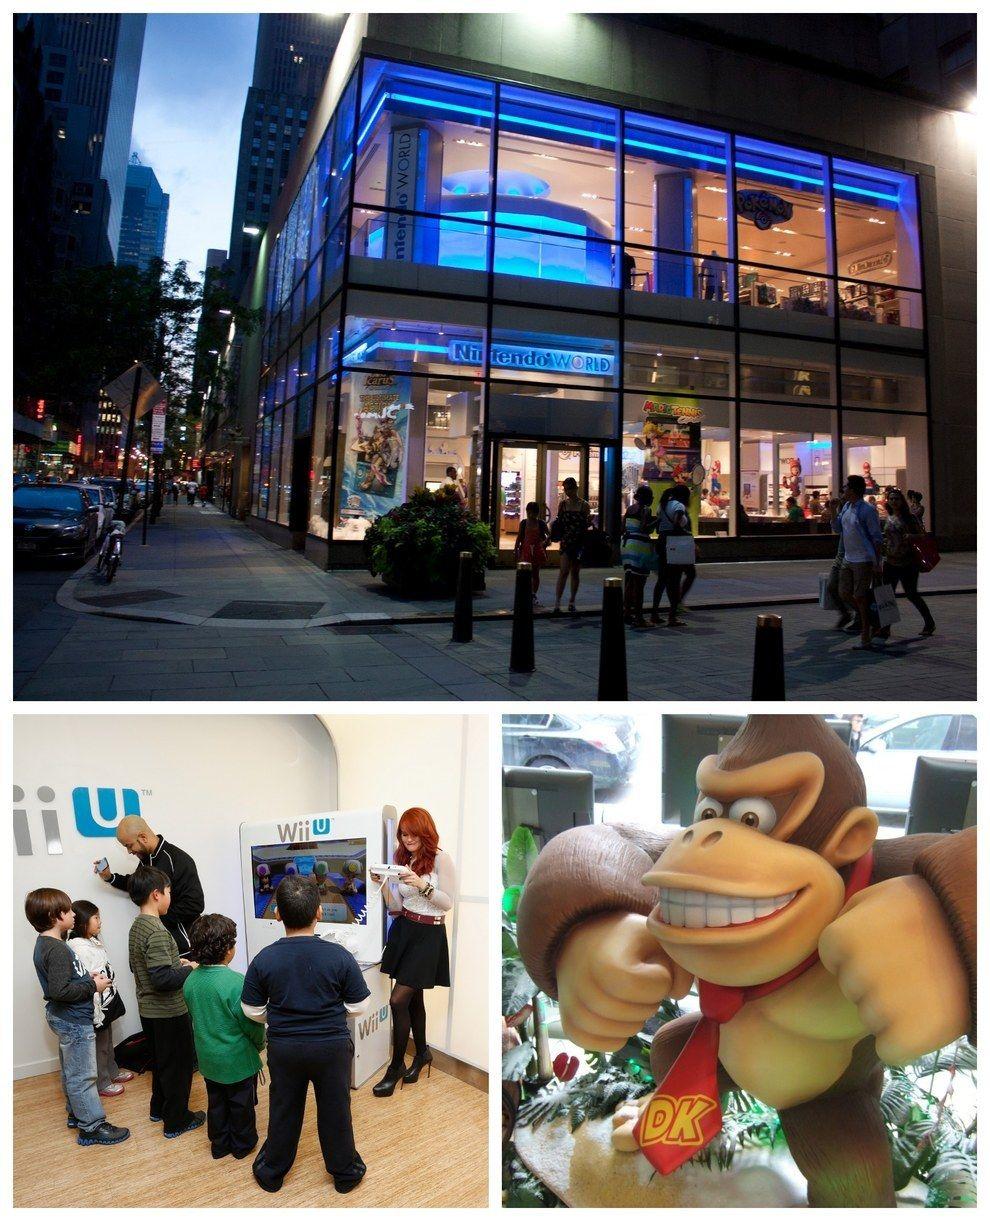 Nintendo World Store In New York New York Nintendo World New York Vacation New York City Travel